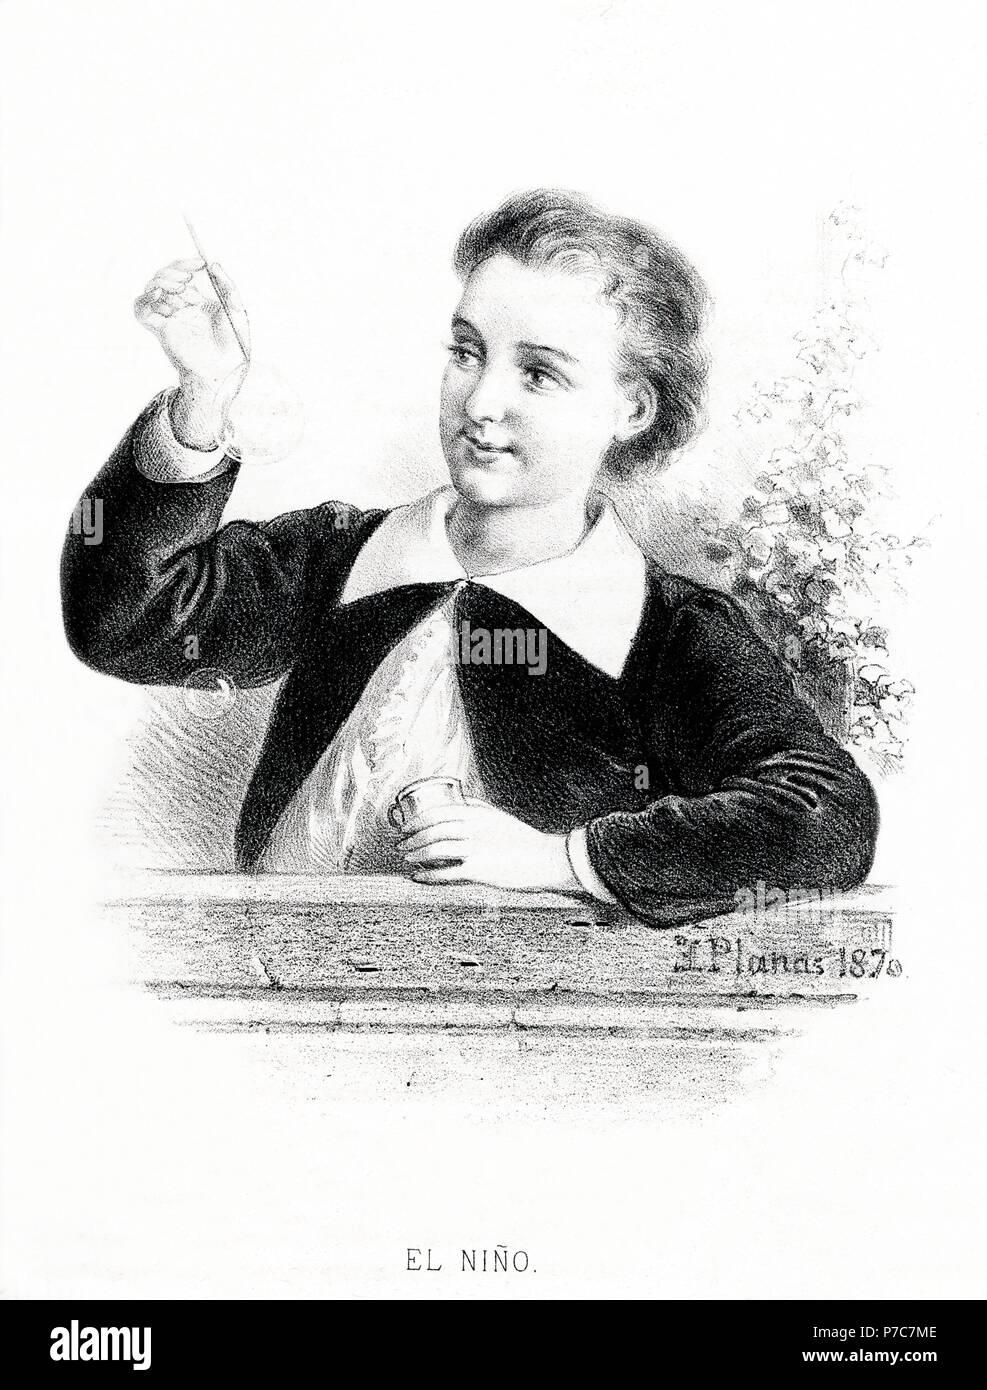 Carácteres del individuo. El niño. Grabado de 1870. Stock Photo